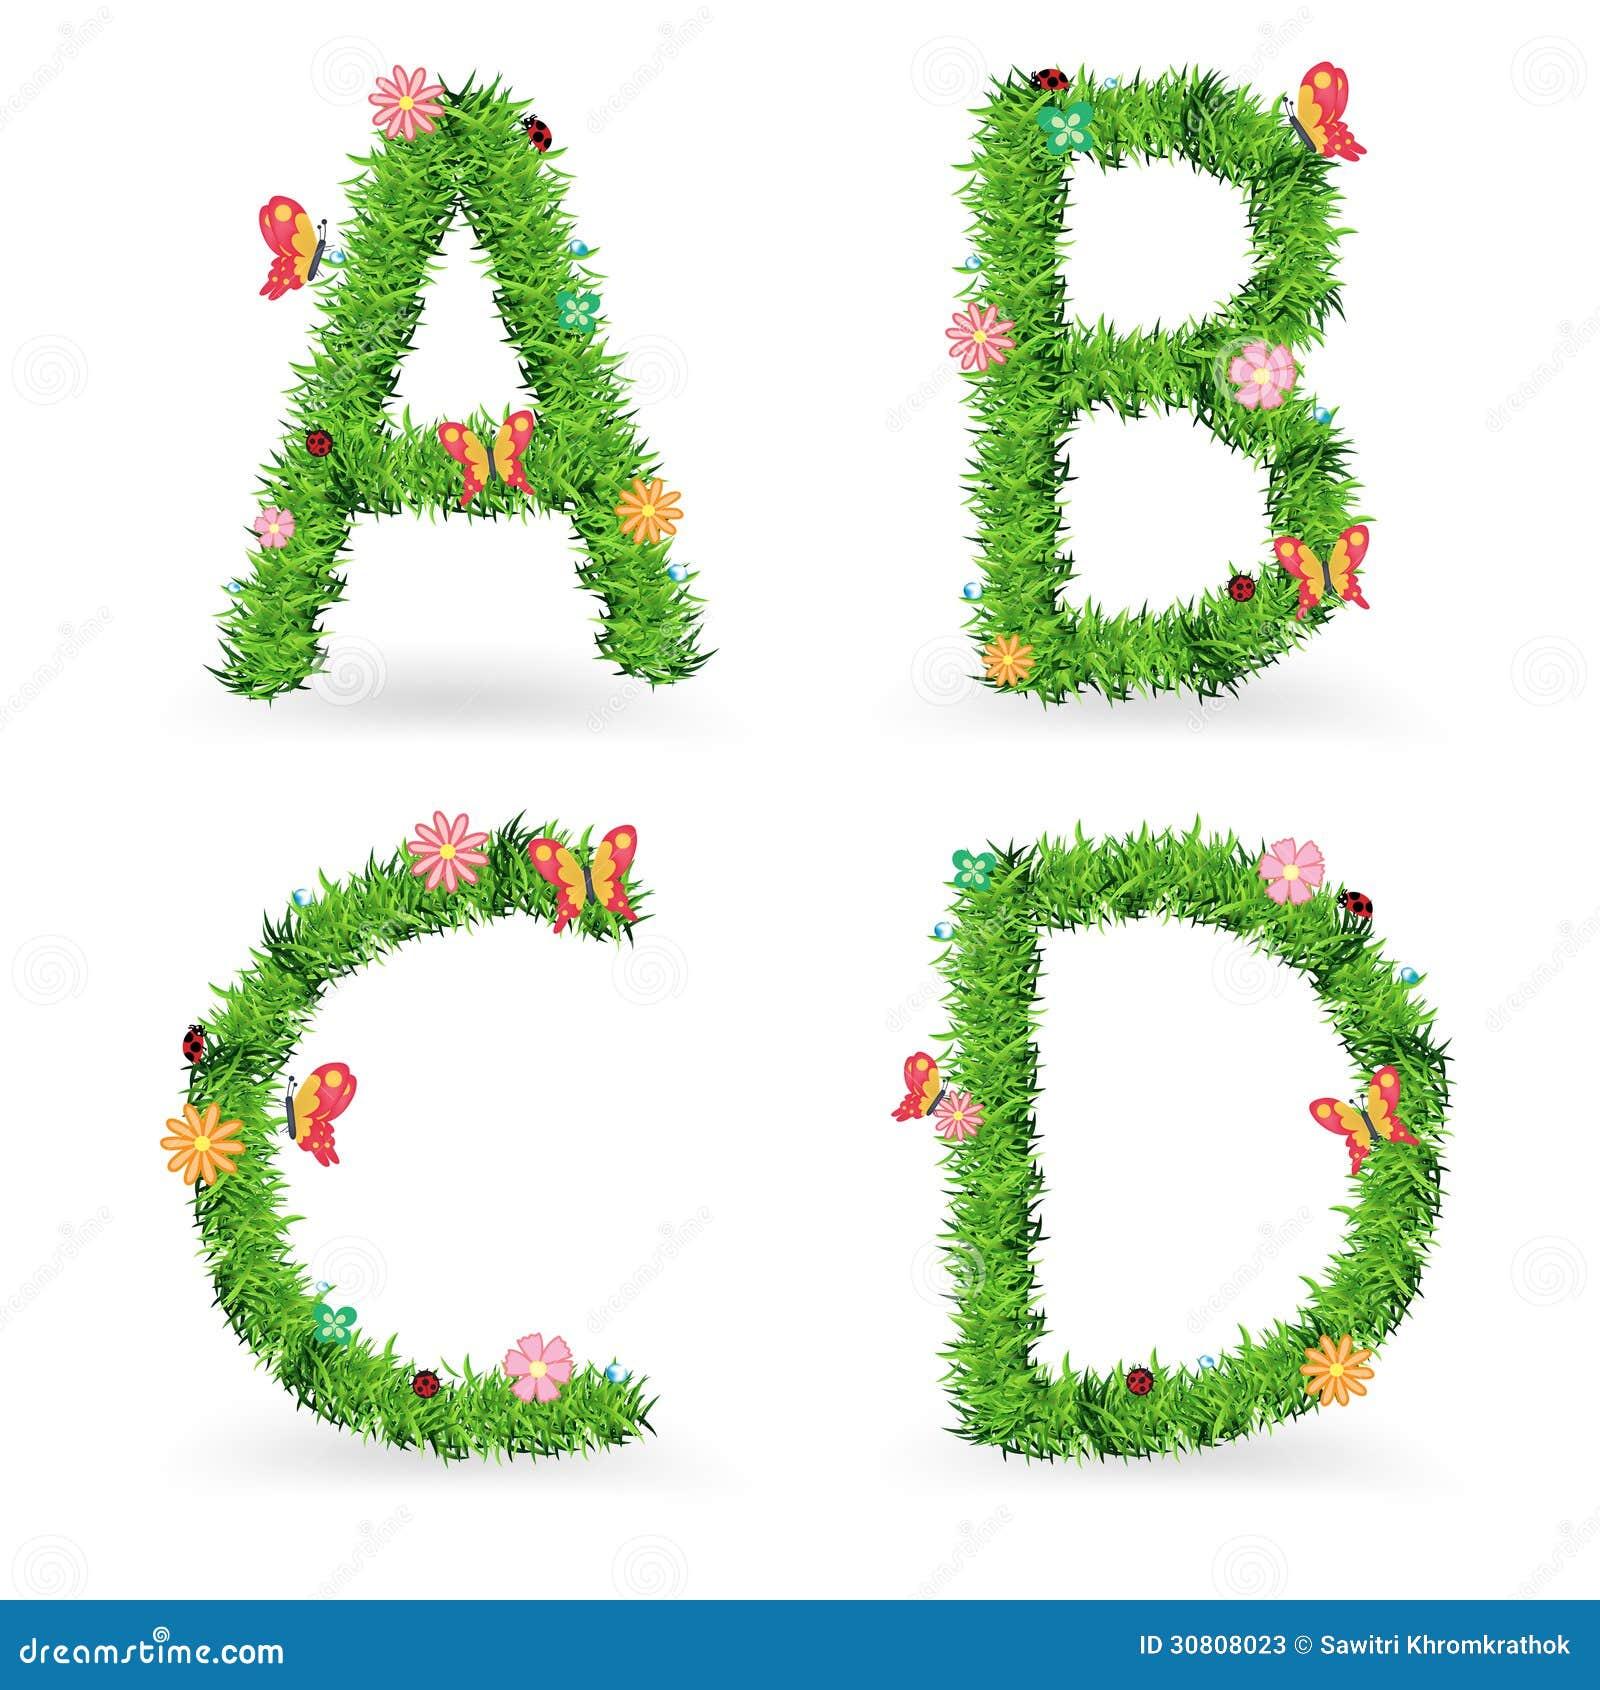 Vector Grass Font Creative Ecological Concept Stock Vector Image 30808023